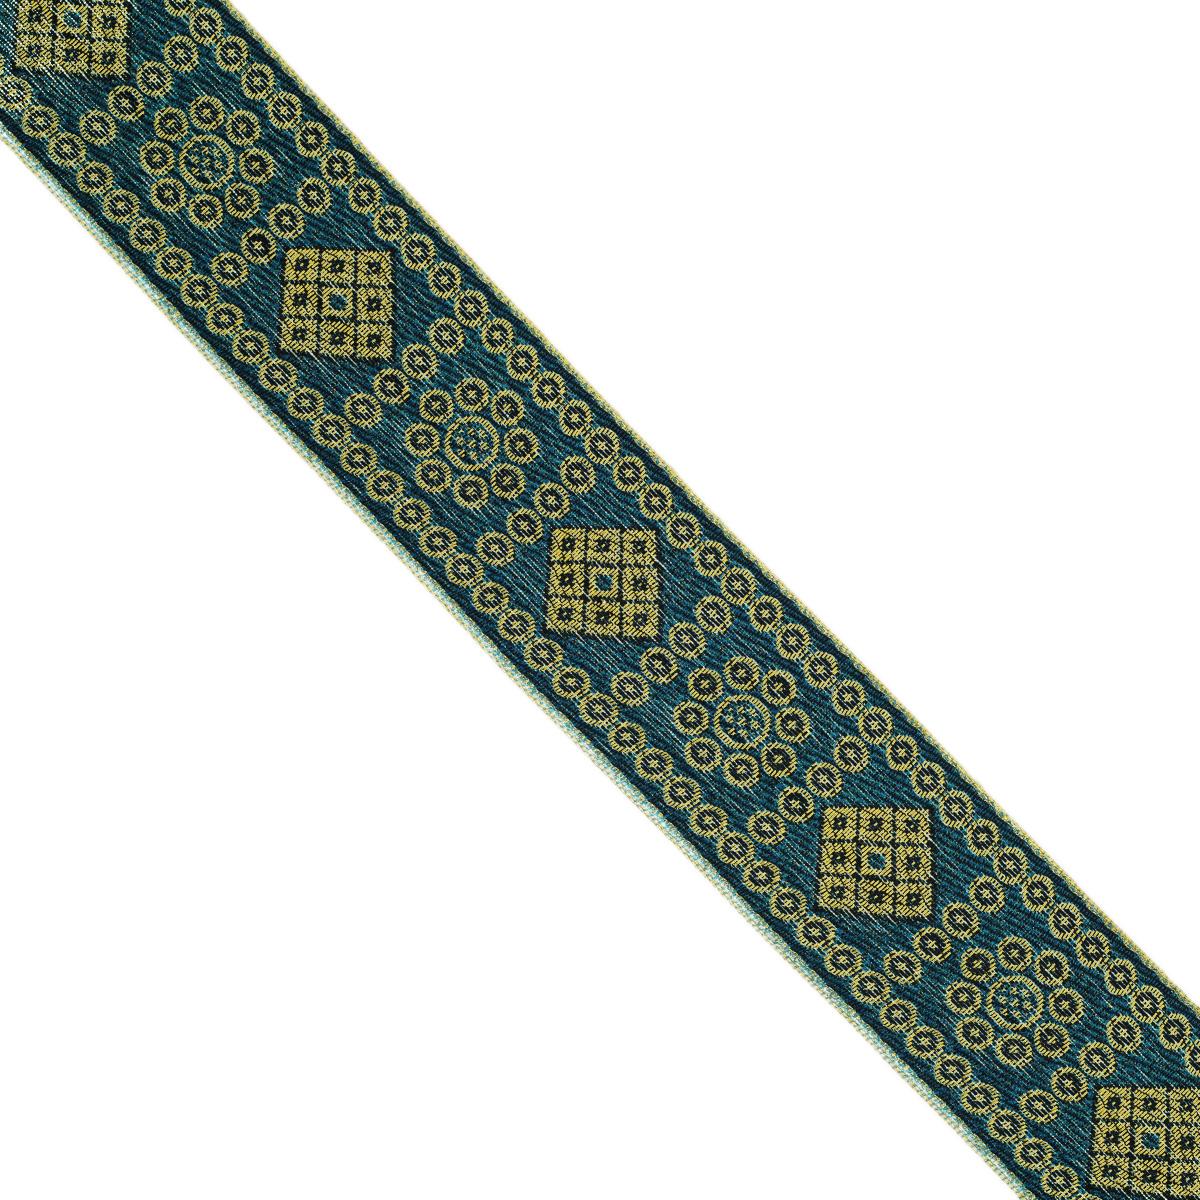 Тесьма декоративная Астра, цвет: ярко-синий (187), ширина 4 см, длина 9 м. 77034547703454_187Декоративная тесьма Астра выполнена из текстиля и оформлена оригинальным жаккардовым орнаментом. Такая тесьма идеально подойдет для оформления различных творческих работ таких, как скрапбукинг, аппликация, декор коробок и открыток и многое другое. Тесьма наивысшего качества и практична в использовании. Она станет незаменимым элементом в создании рукотворного шедевра. Ширина: 4 см. Длина: 9 м.